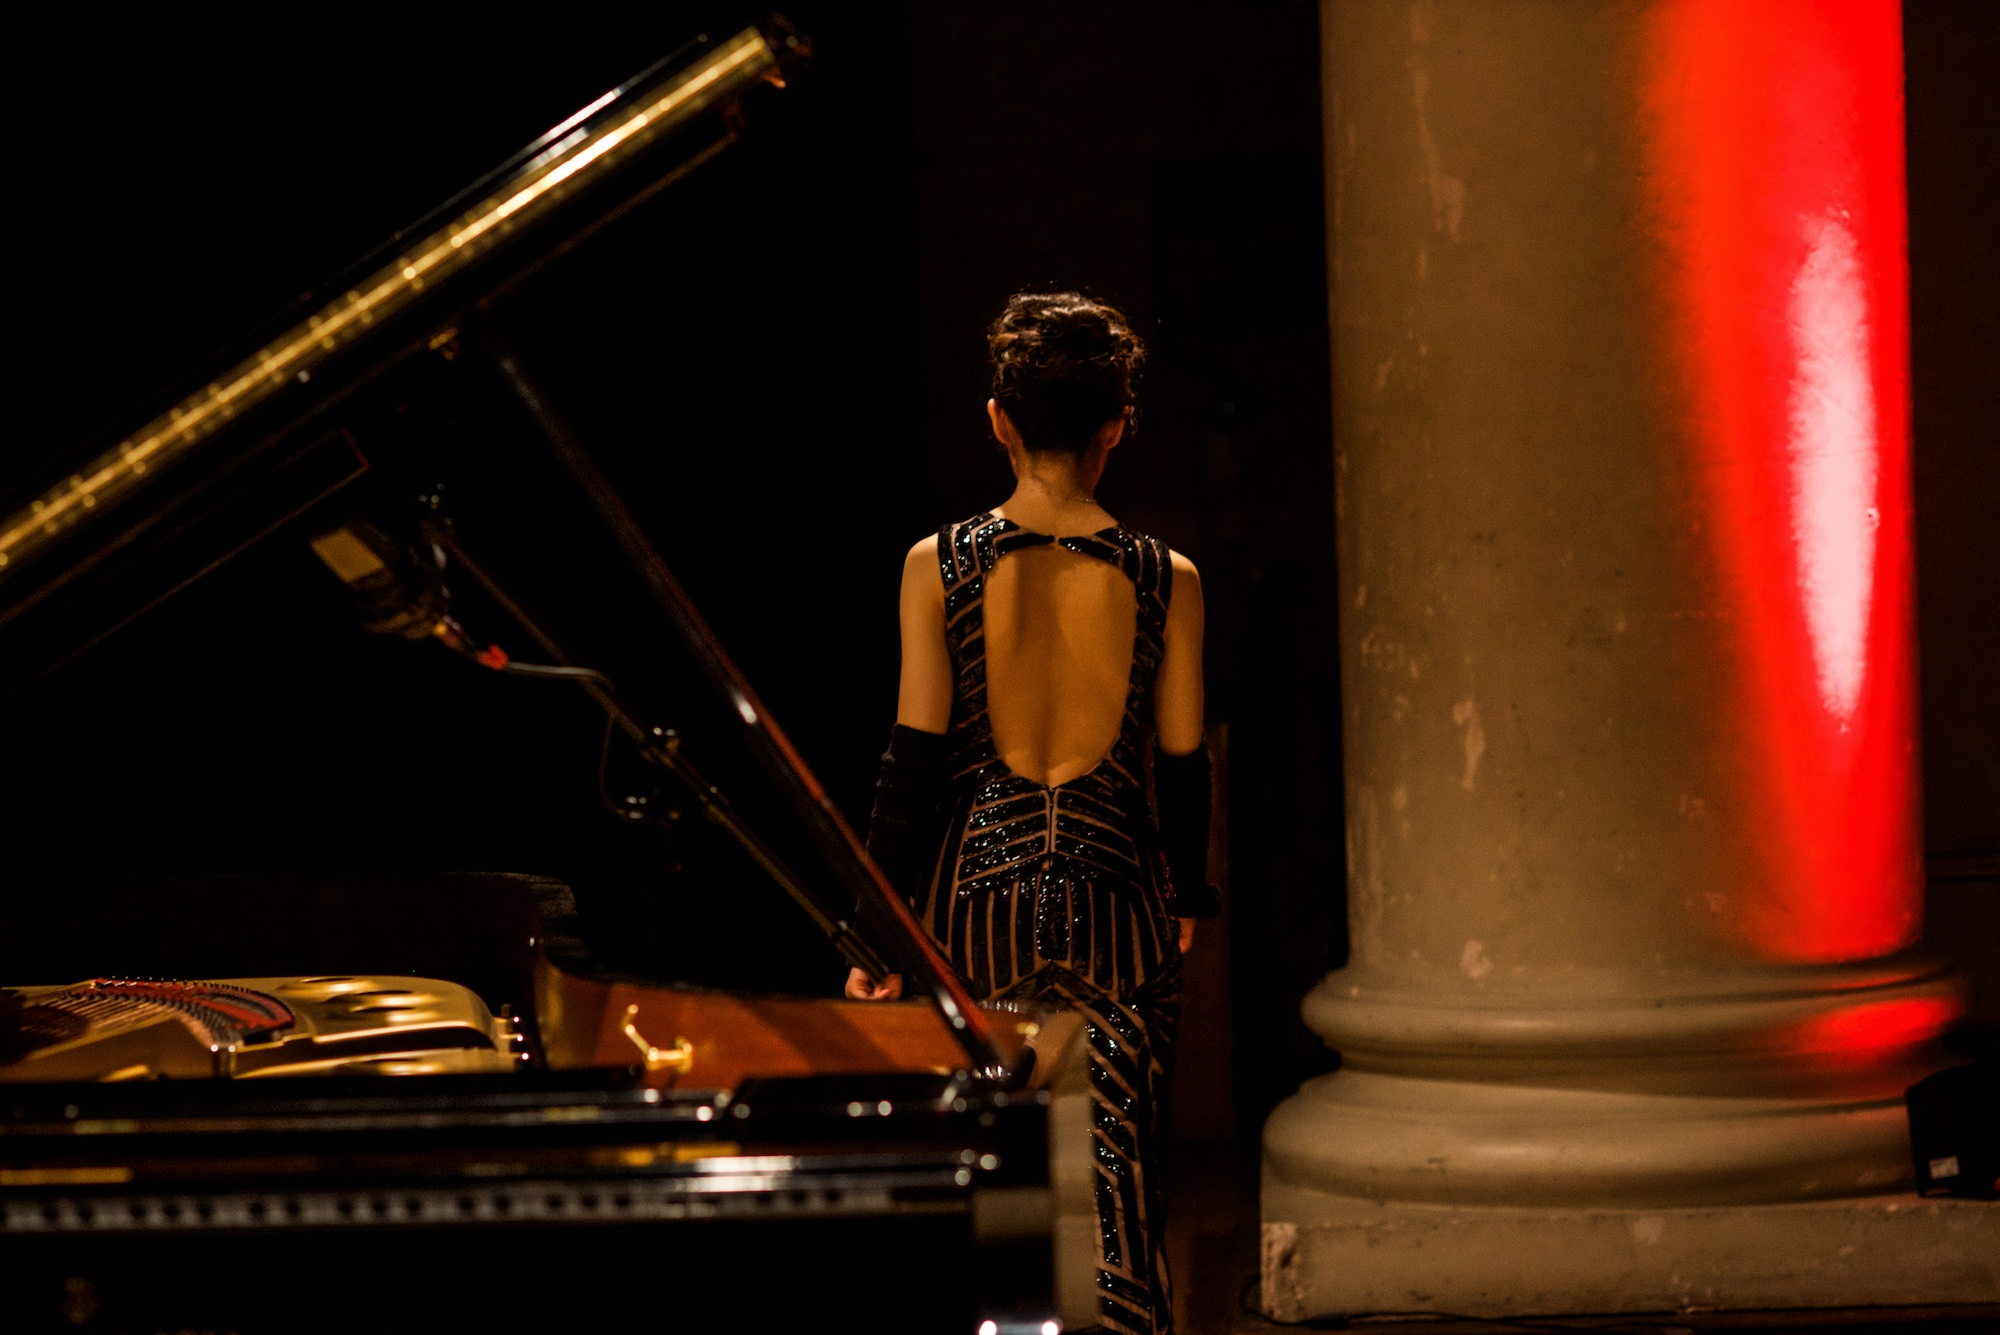 aisa-ijiri-carnegie-hall-steinway-piano-14